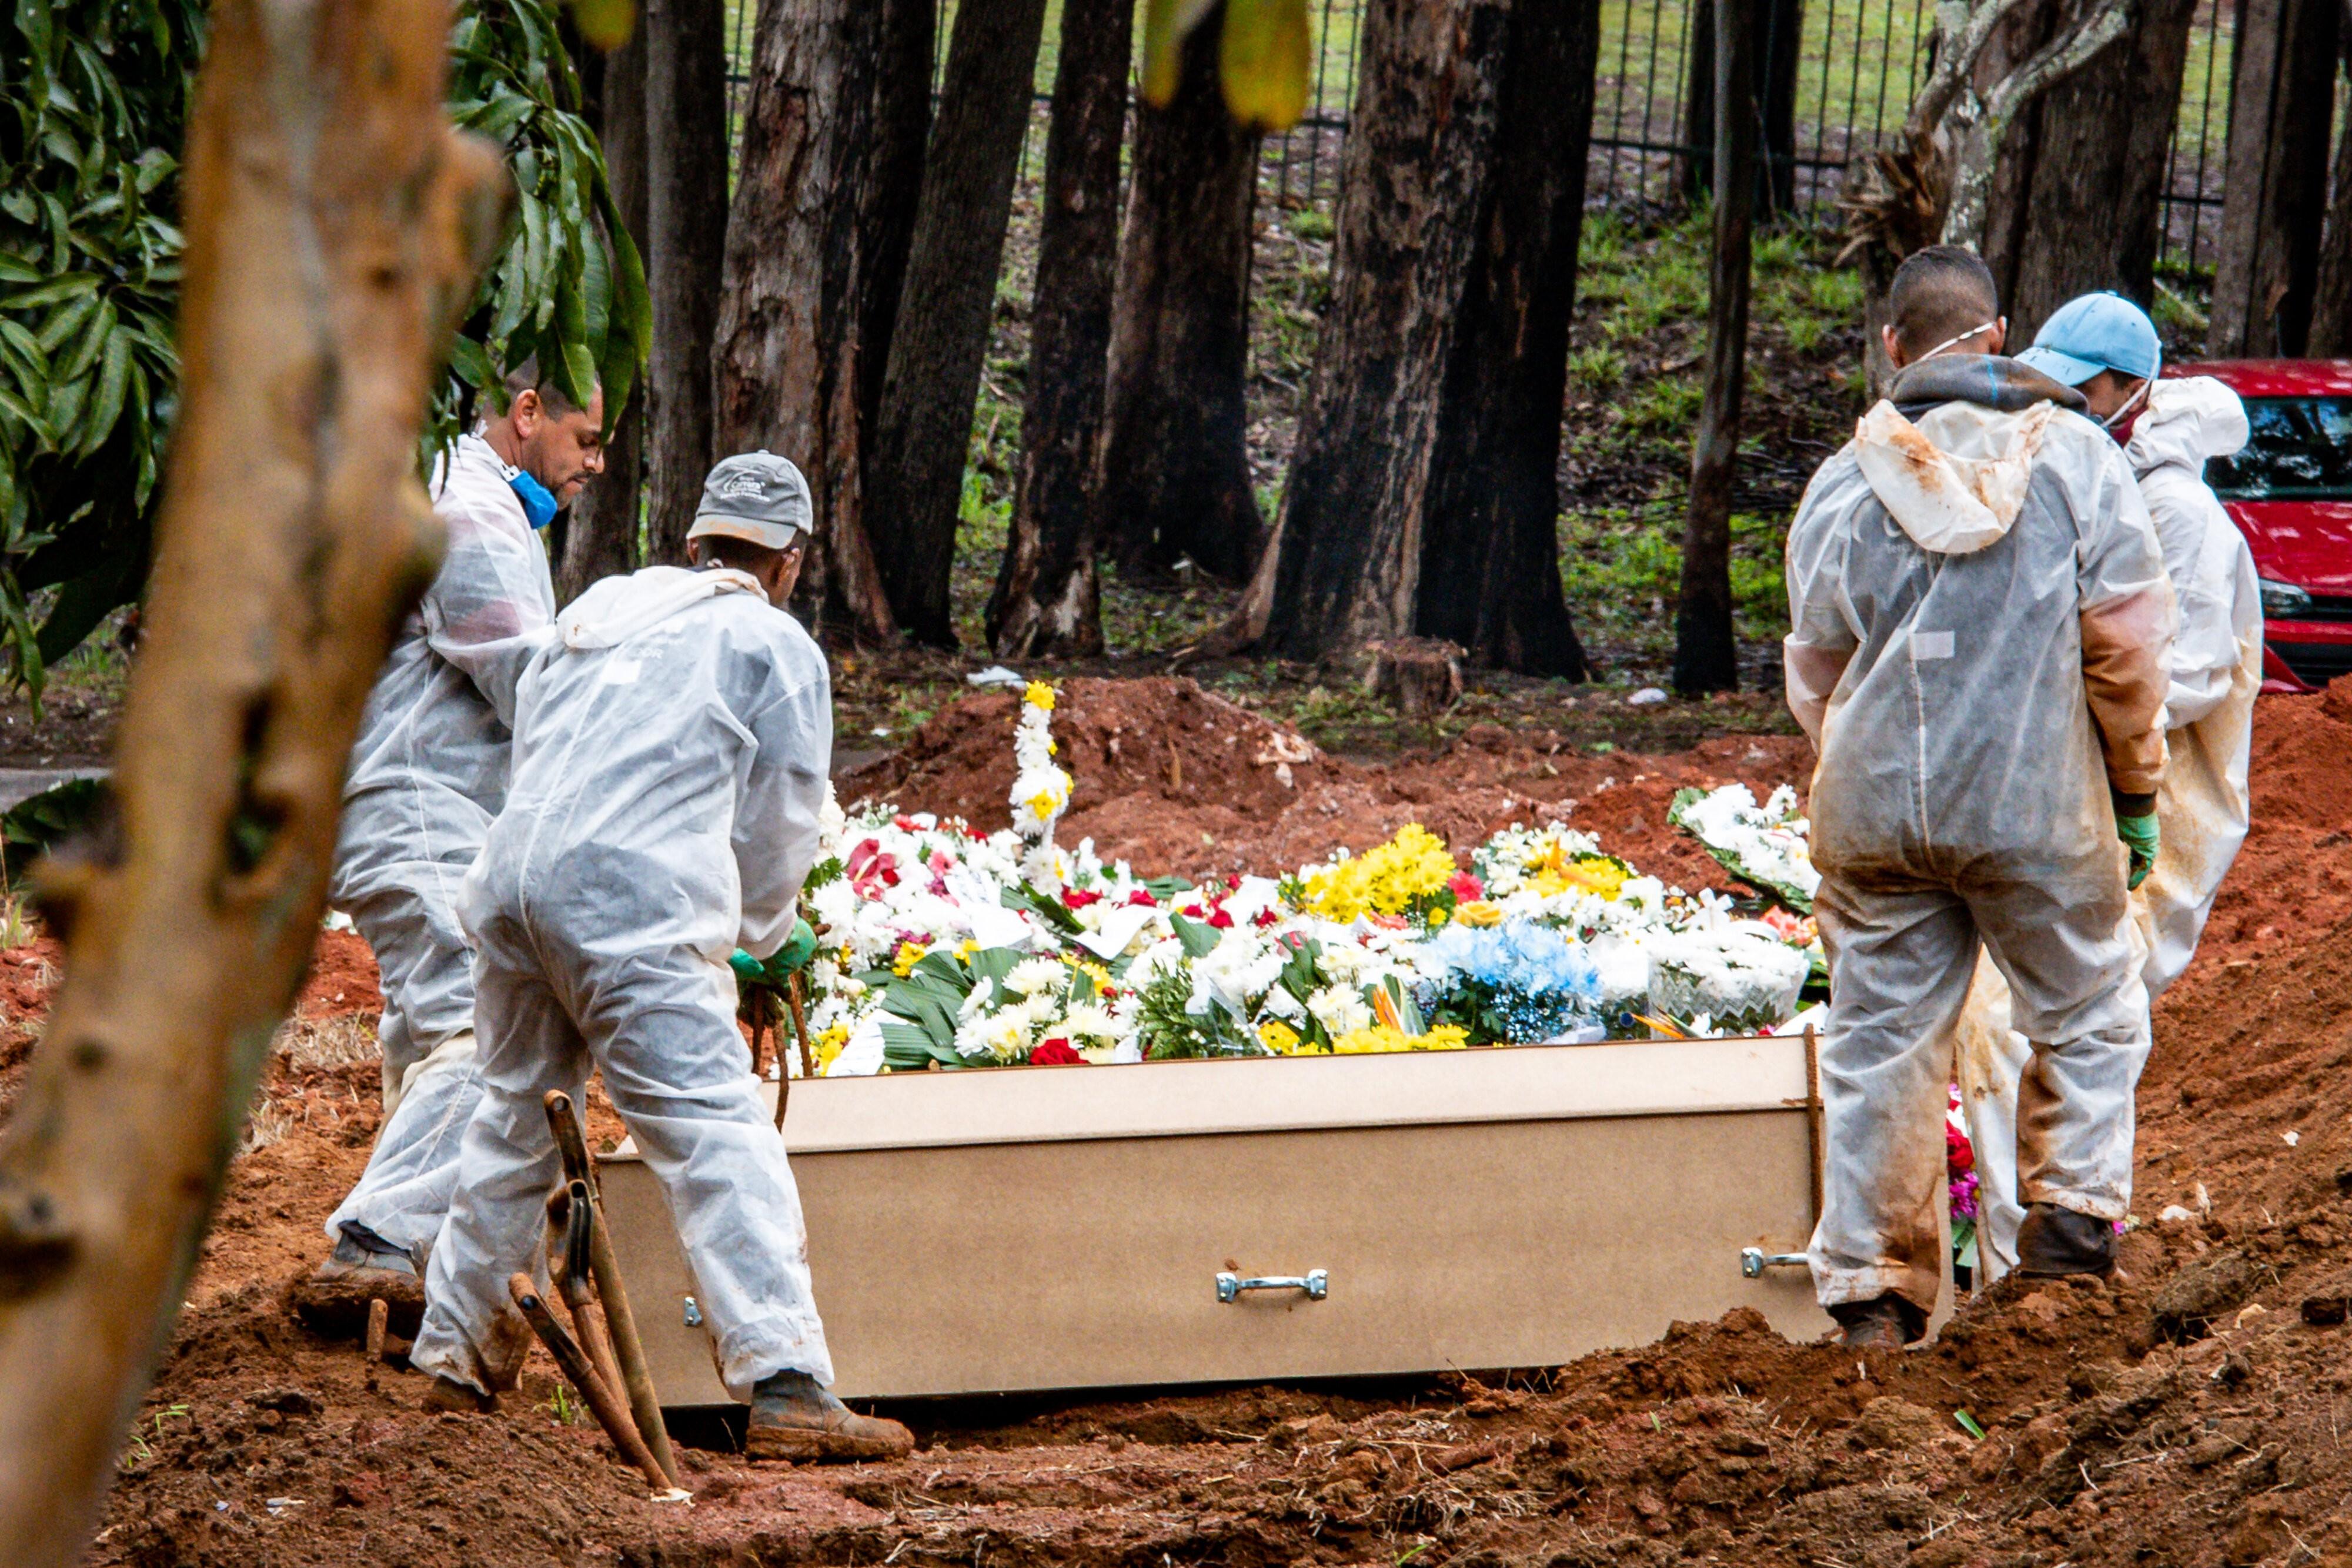 Estado de SP chega a 34,6 mil mortes por Covid-19, com 185 óbitos registrados nas últimas 24h